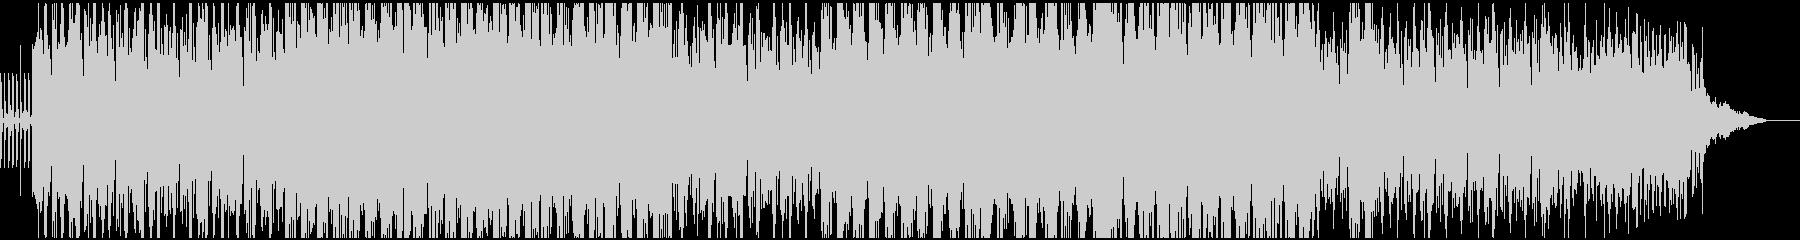 重厚、濃厚なアンビエントテクノEDMの未再生の波形